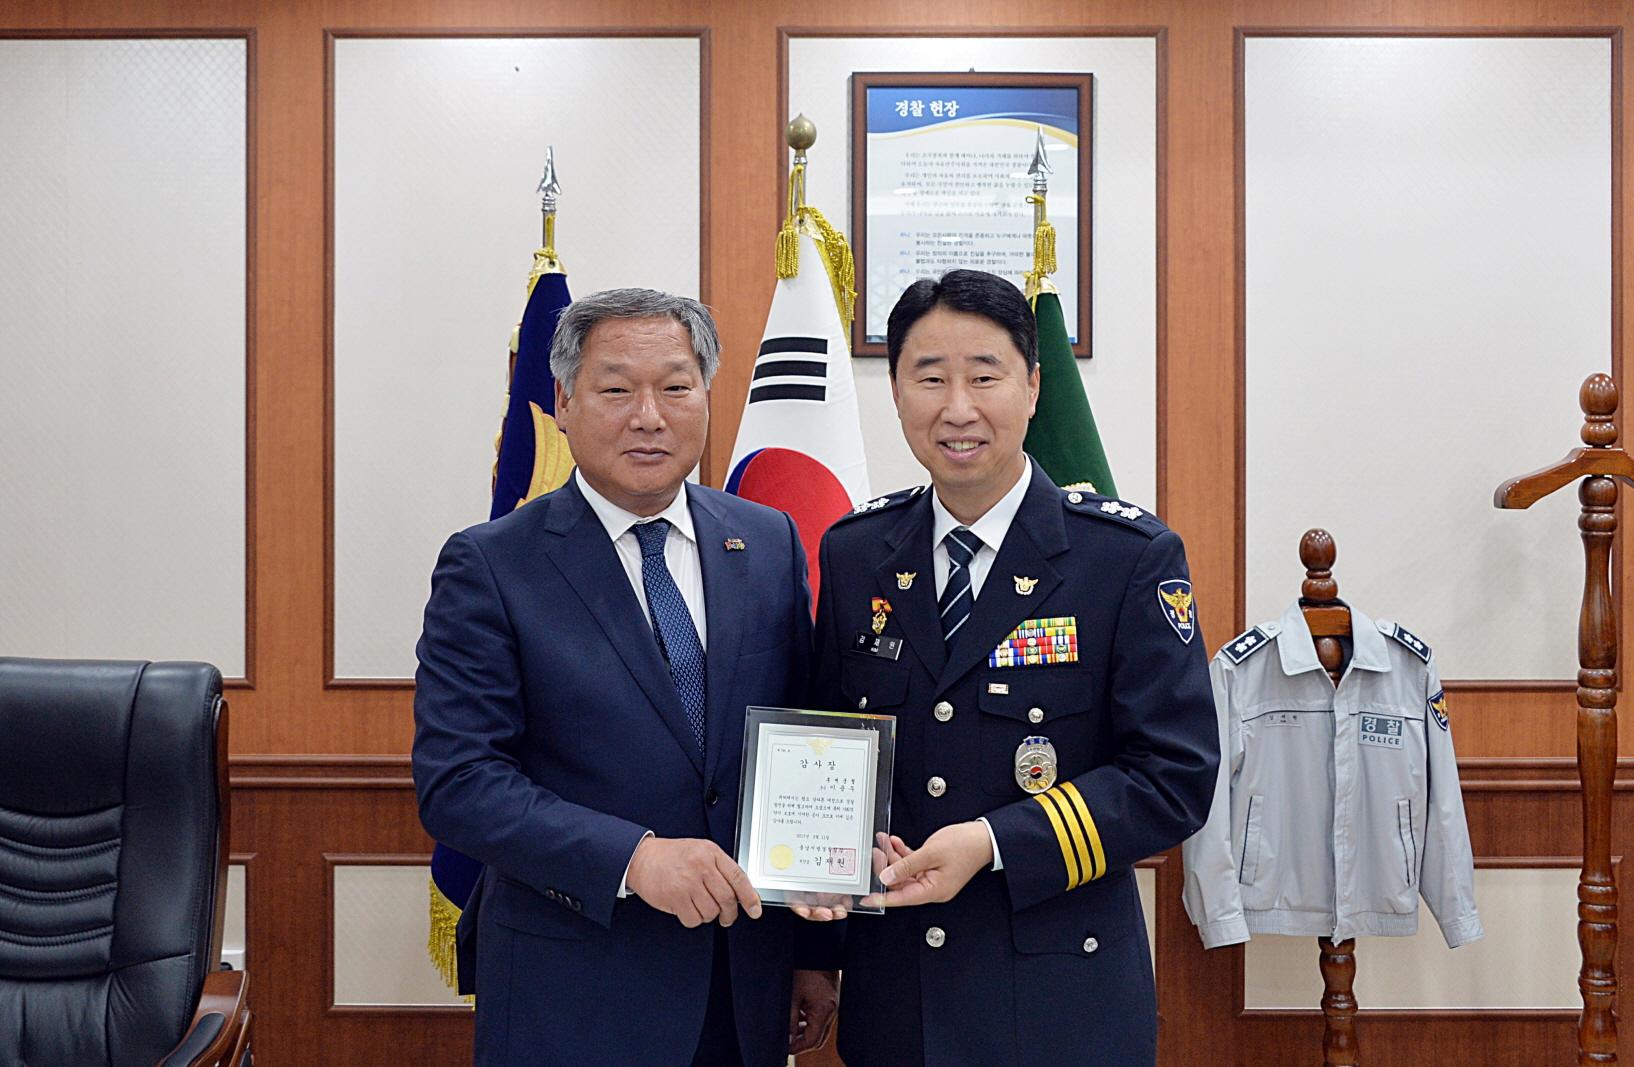 이용우 부여군수 감사장 전달